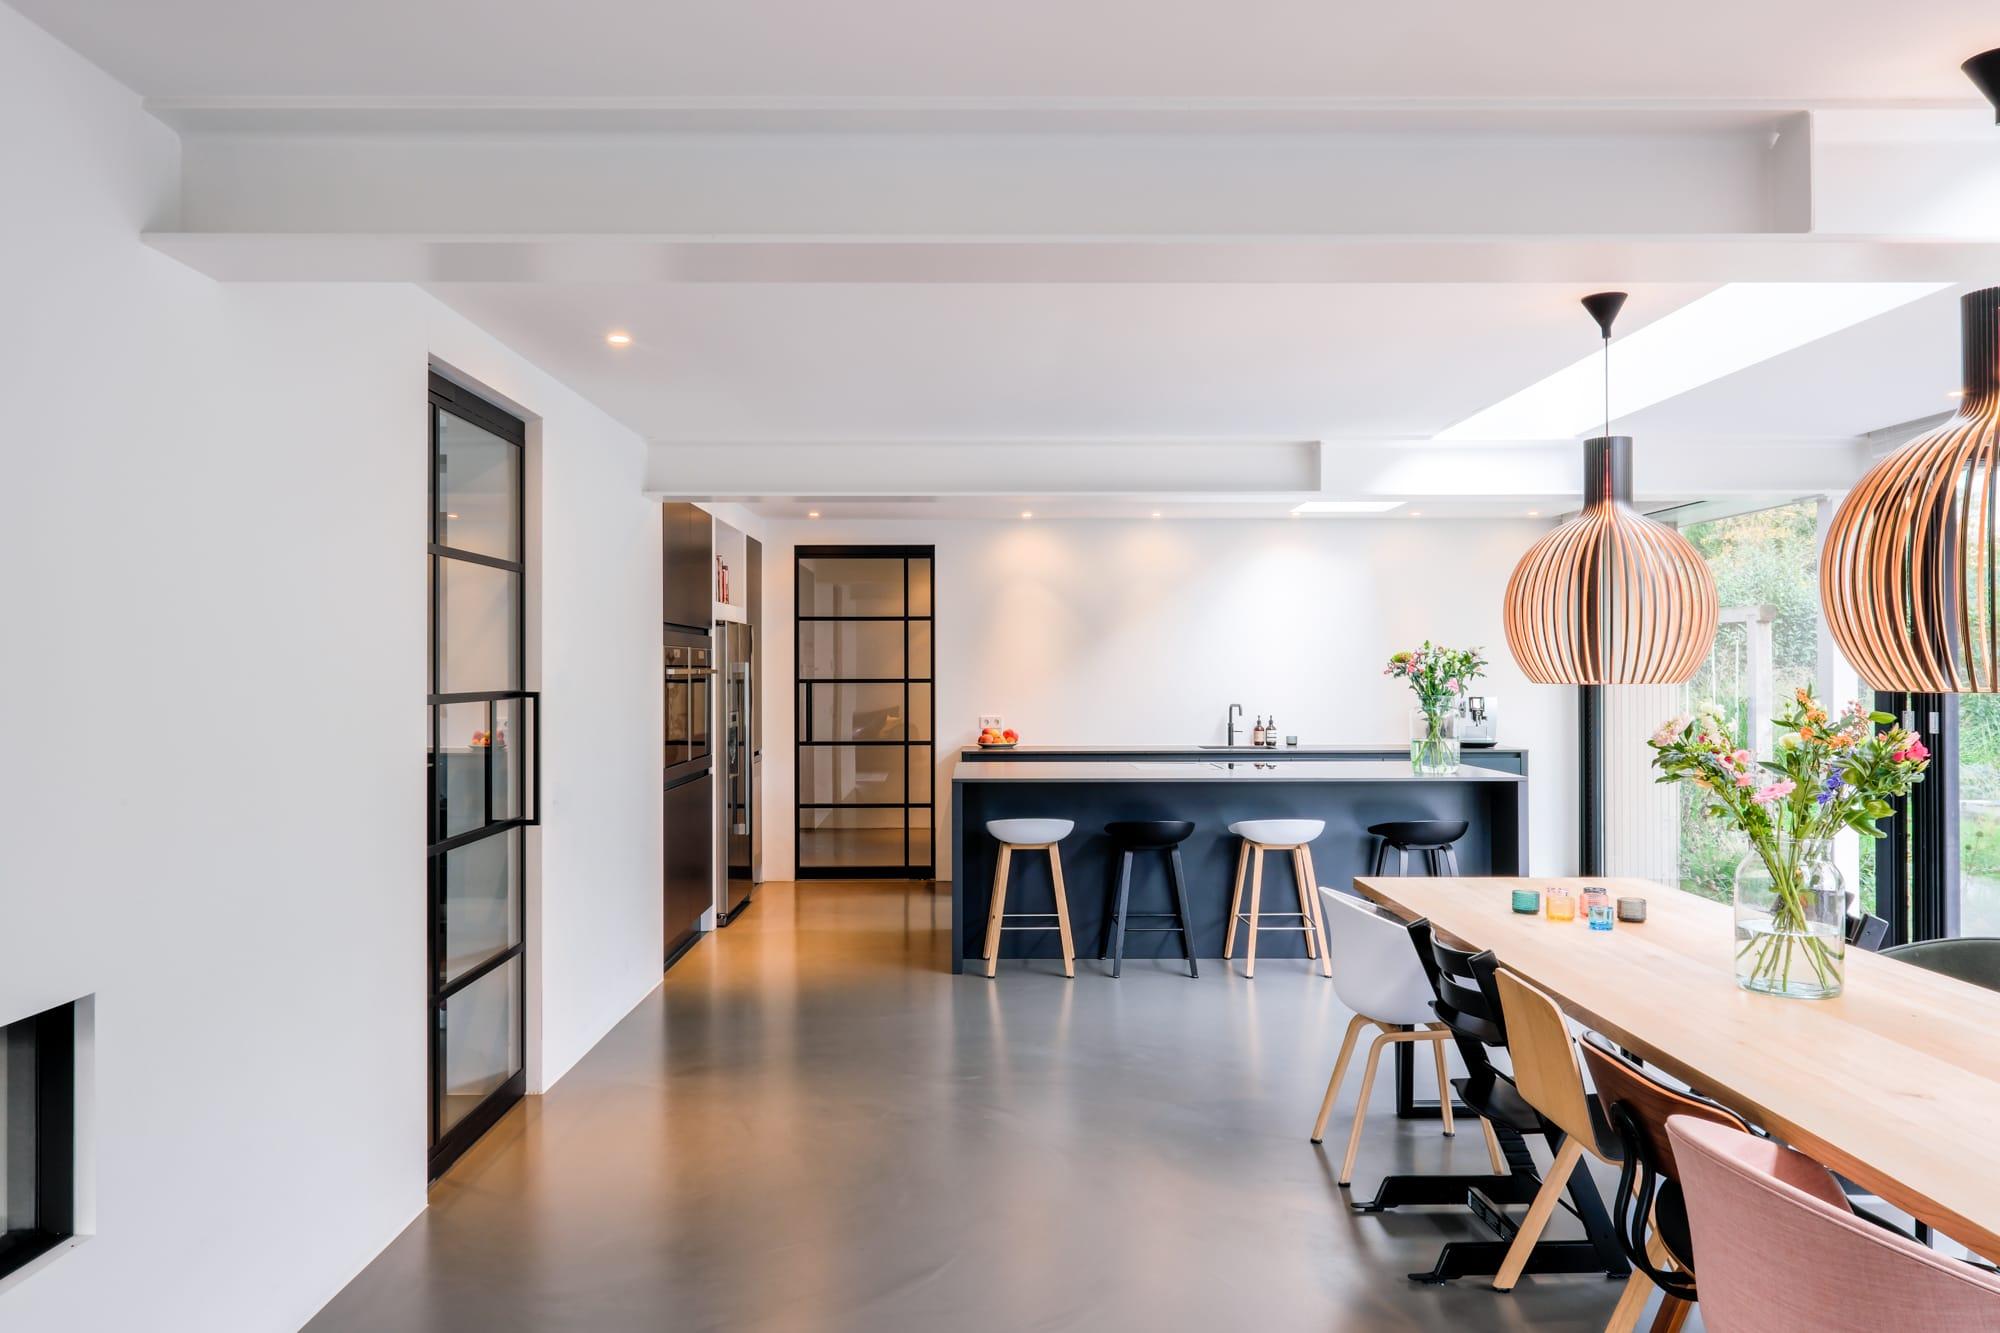 van-os-architecten-breda-ontwerp-moderne-aanbouw-met-aluminium-vouwschuifpui-kookeiand-mat-zwart